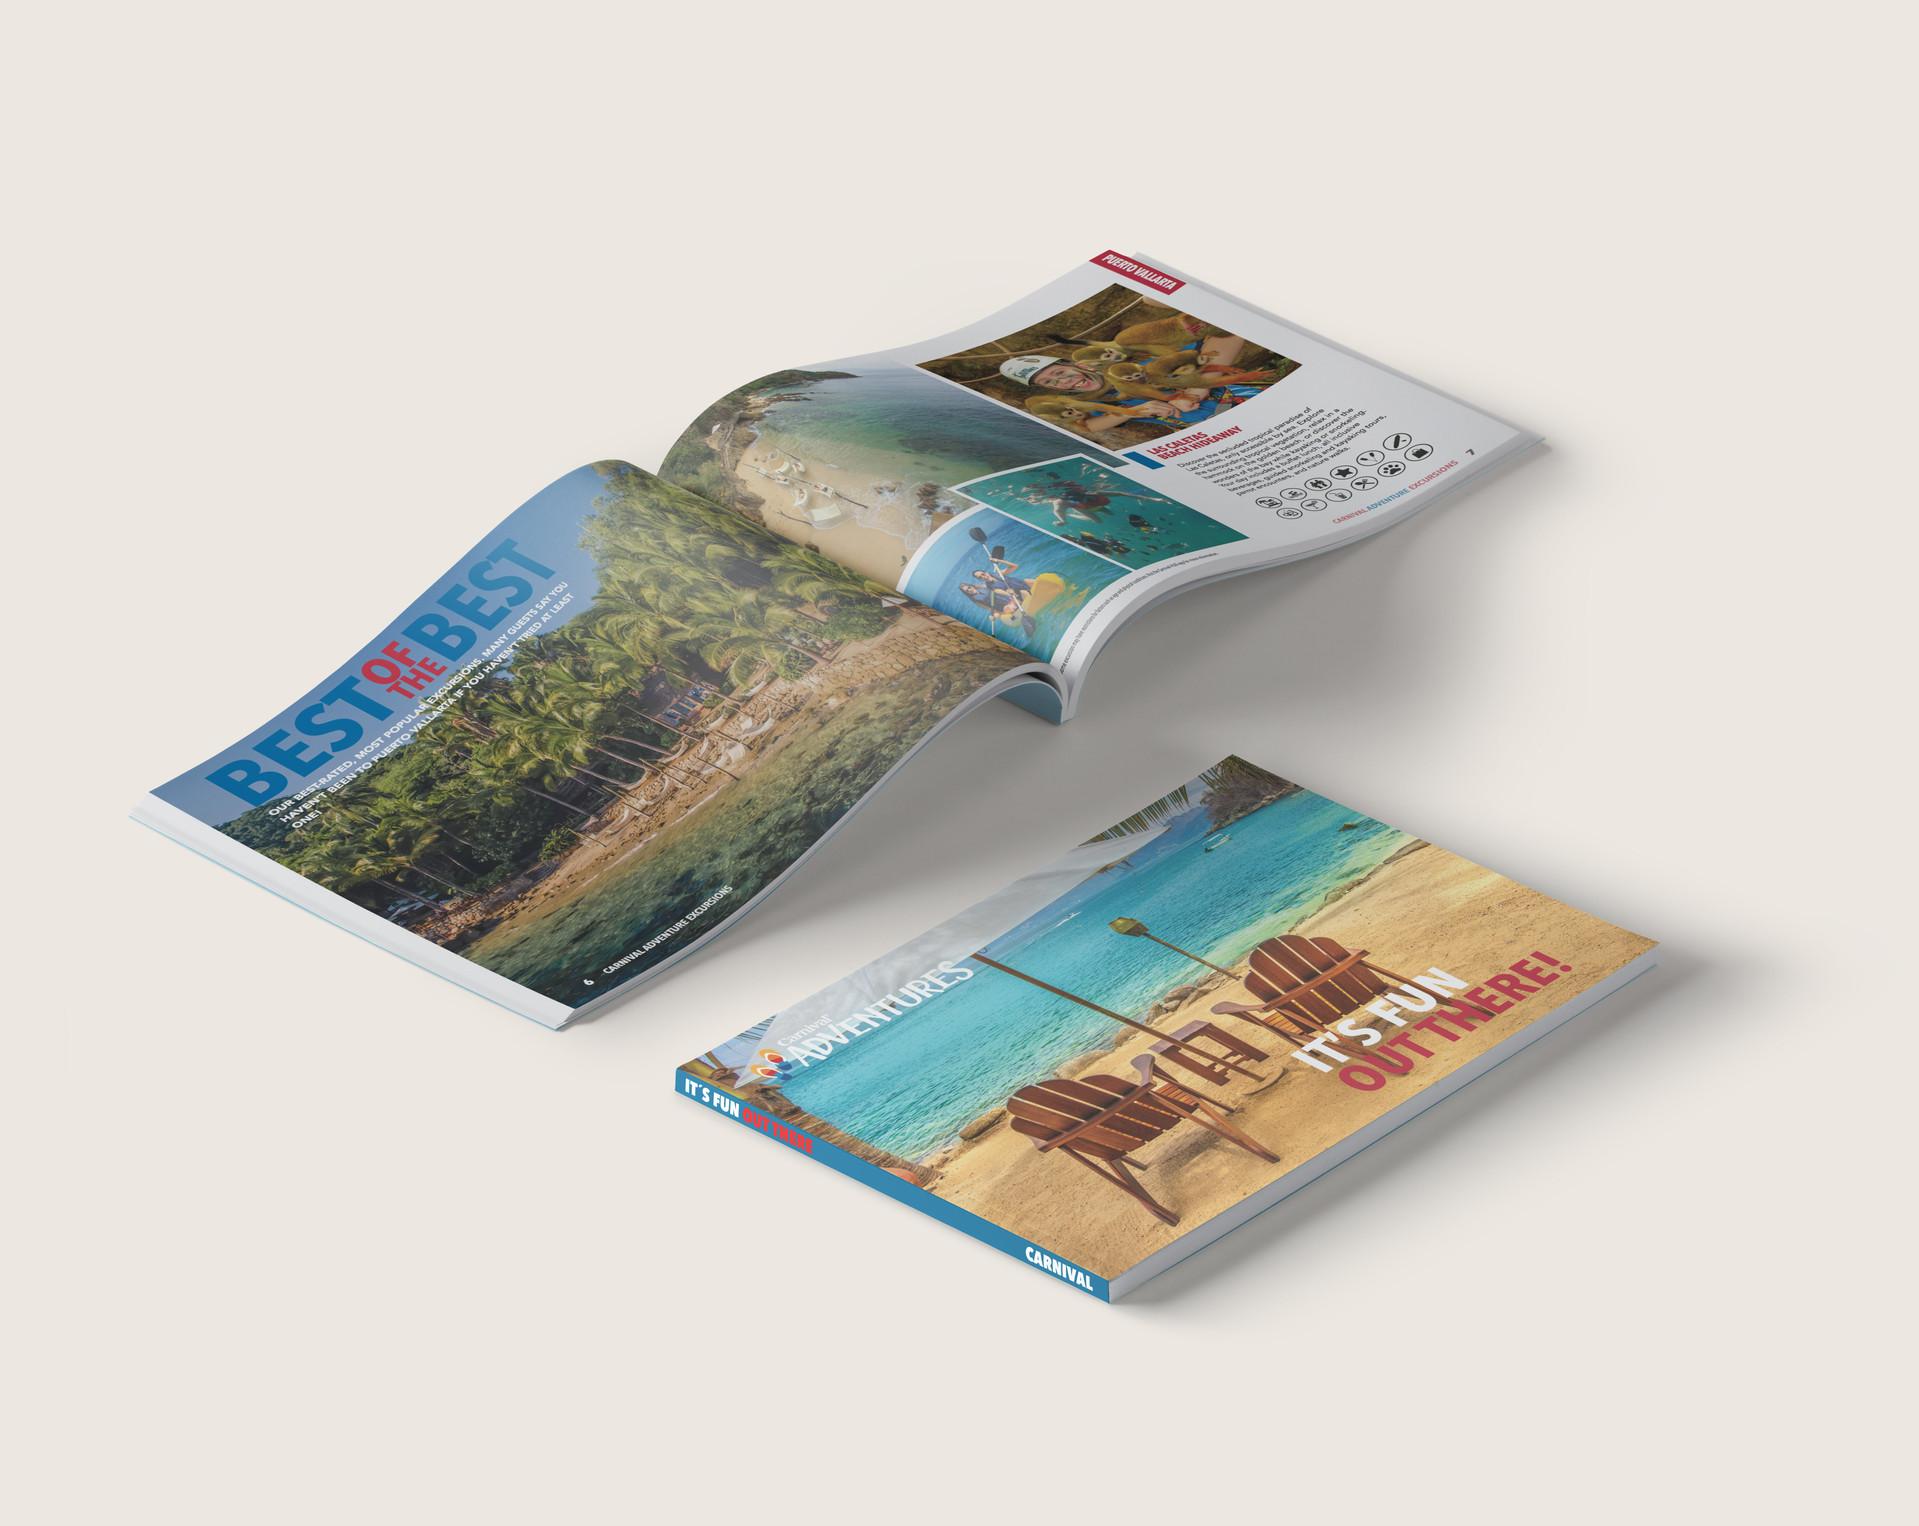 Landscape-A4-Magazine-Mockup copy.jpg